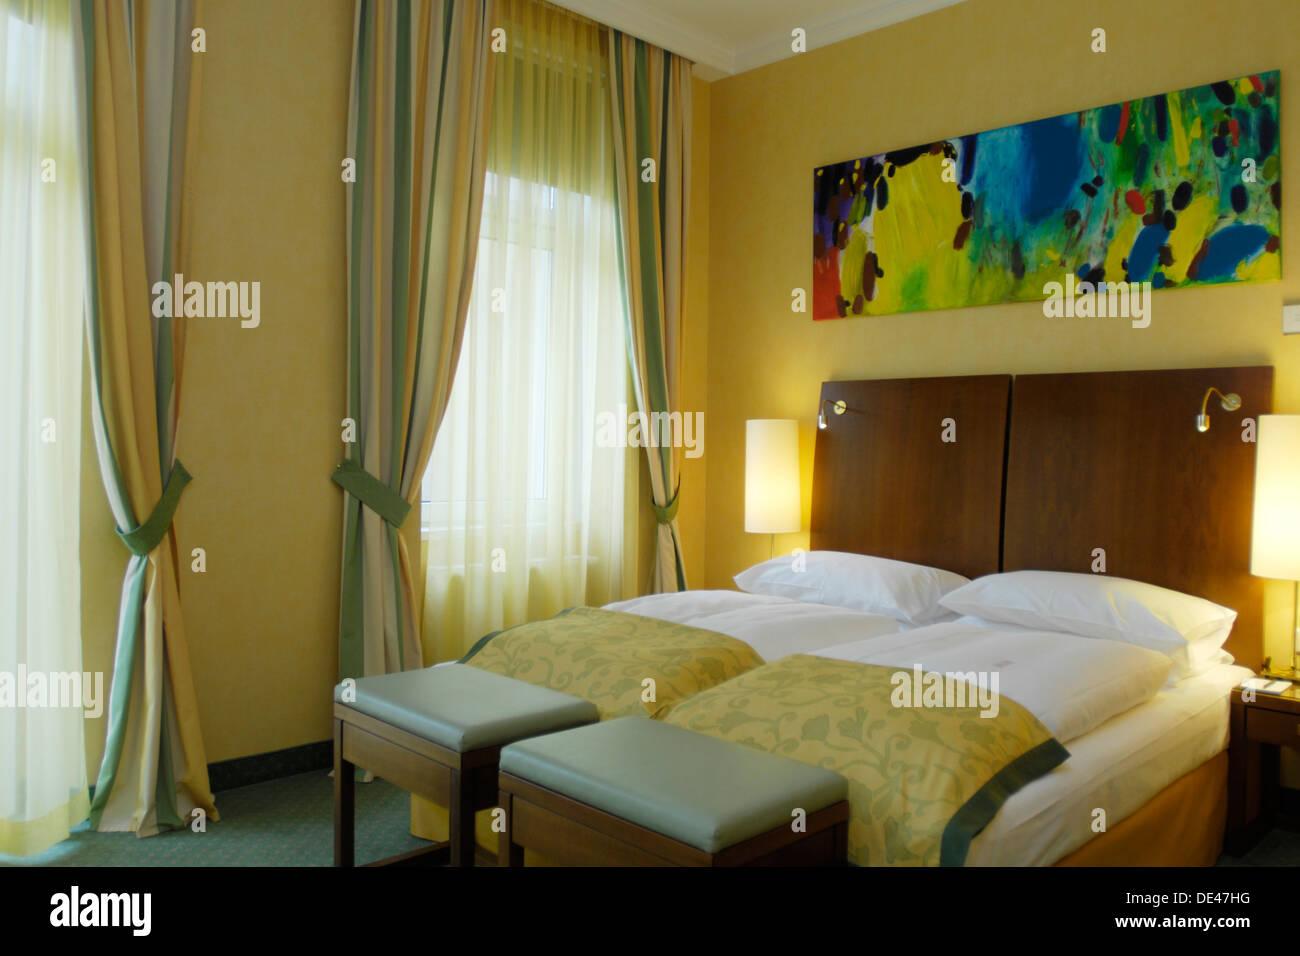 Österreich, Wien 6, Hotel Das Tyrol, Mariahilferstrasse 15, Zimmer - Stock Image